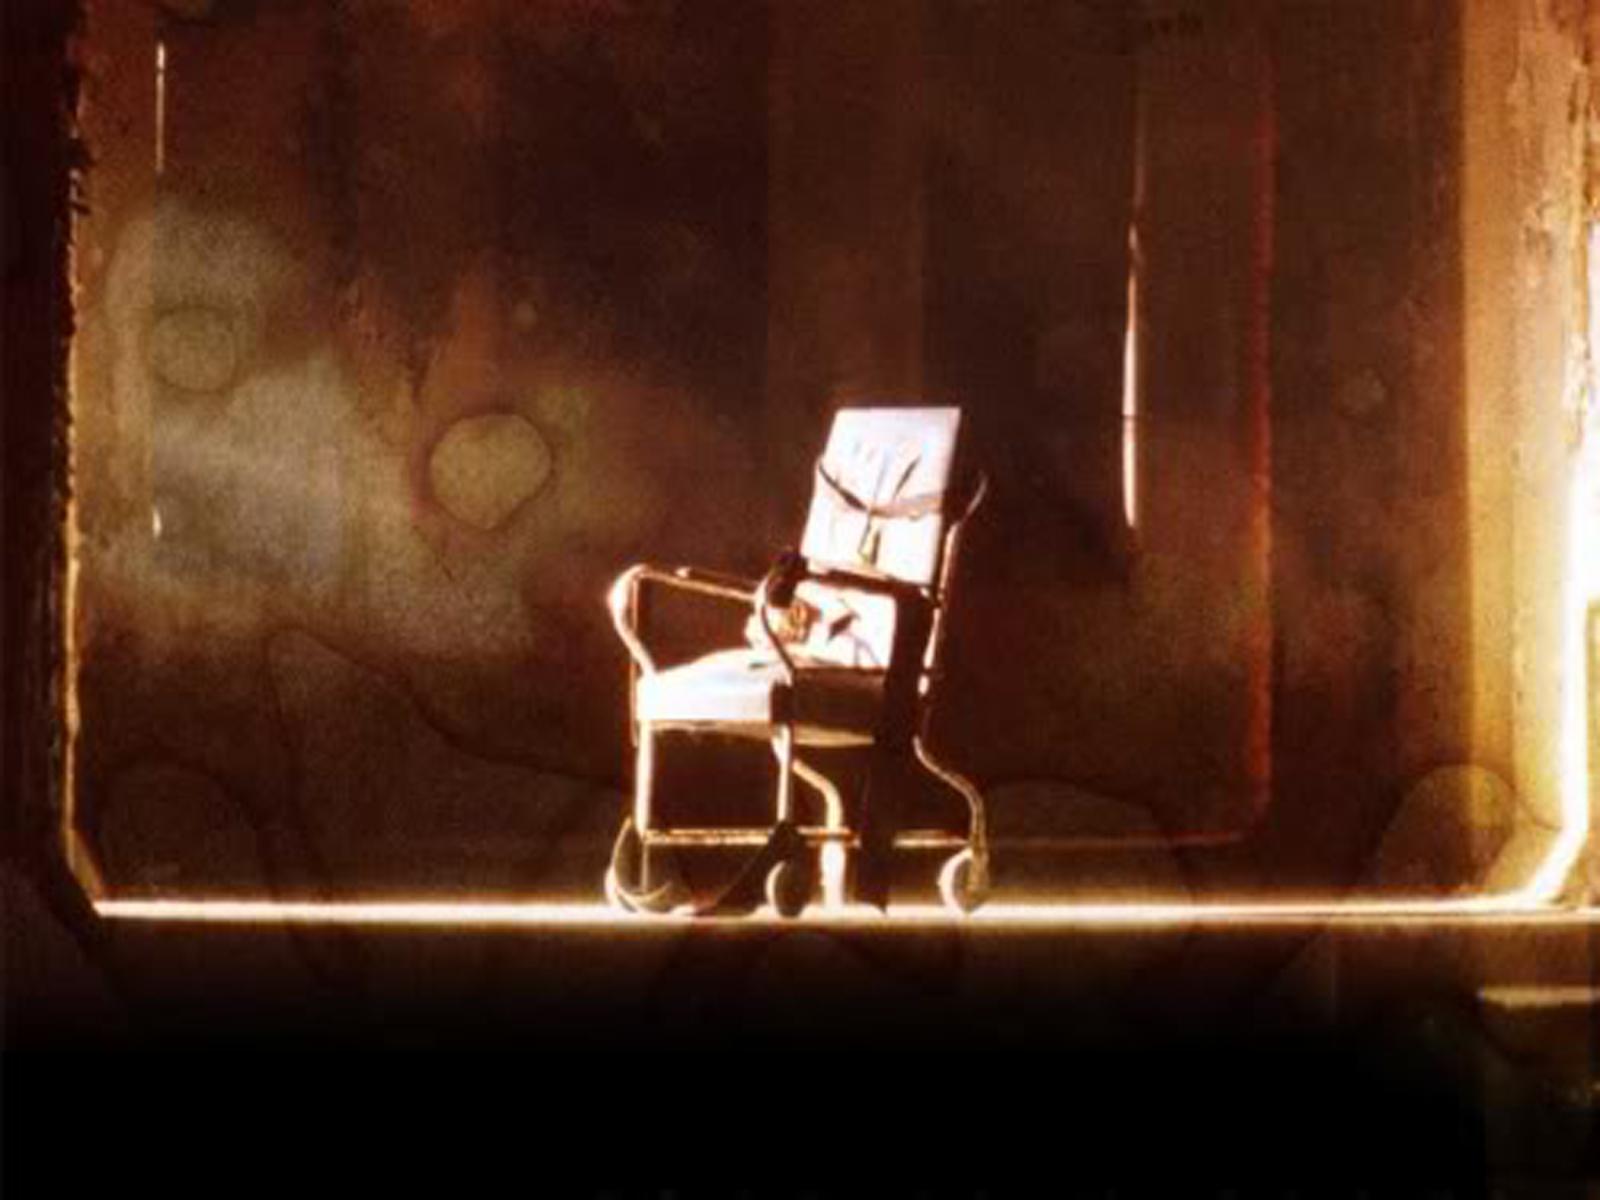 Mental+hospital+horror+stories